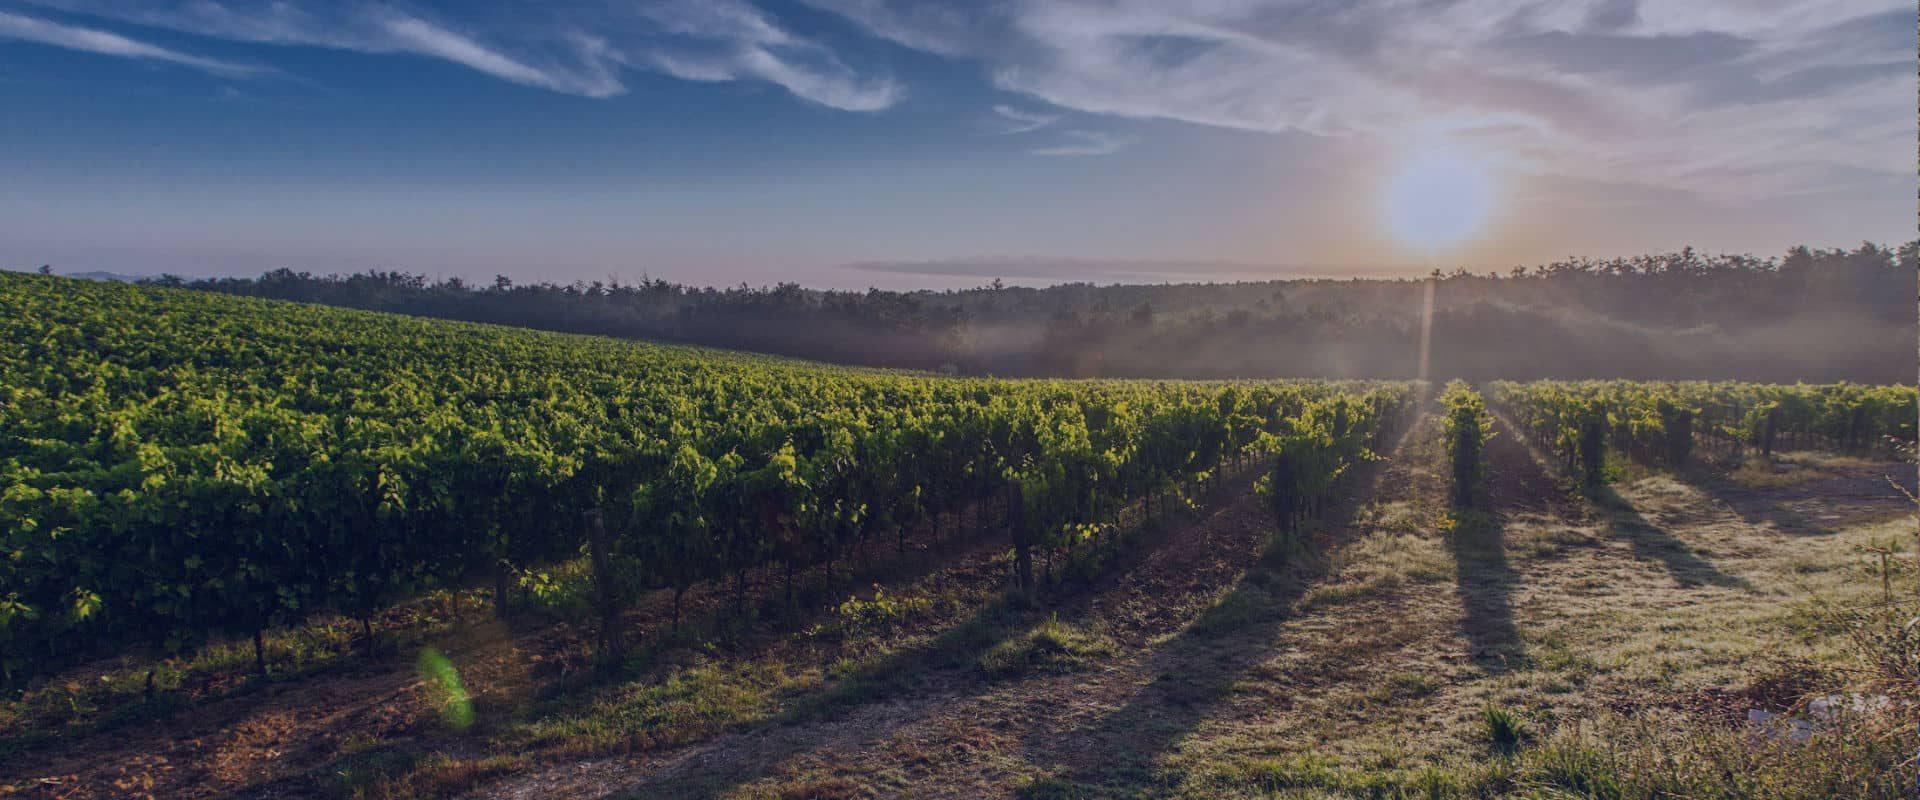 vineyard-min